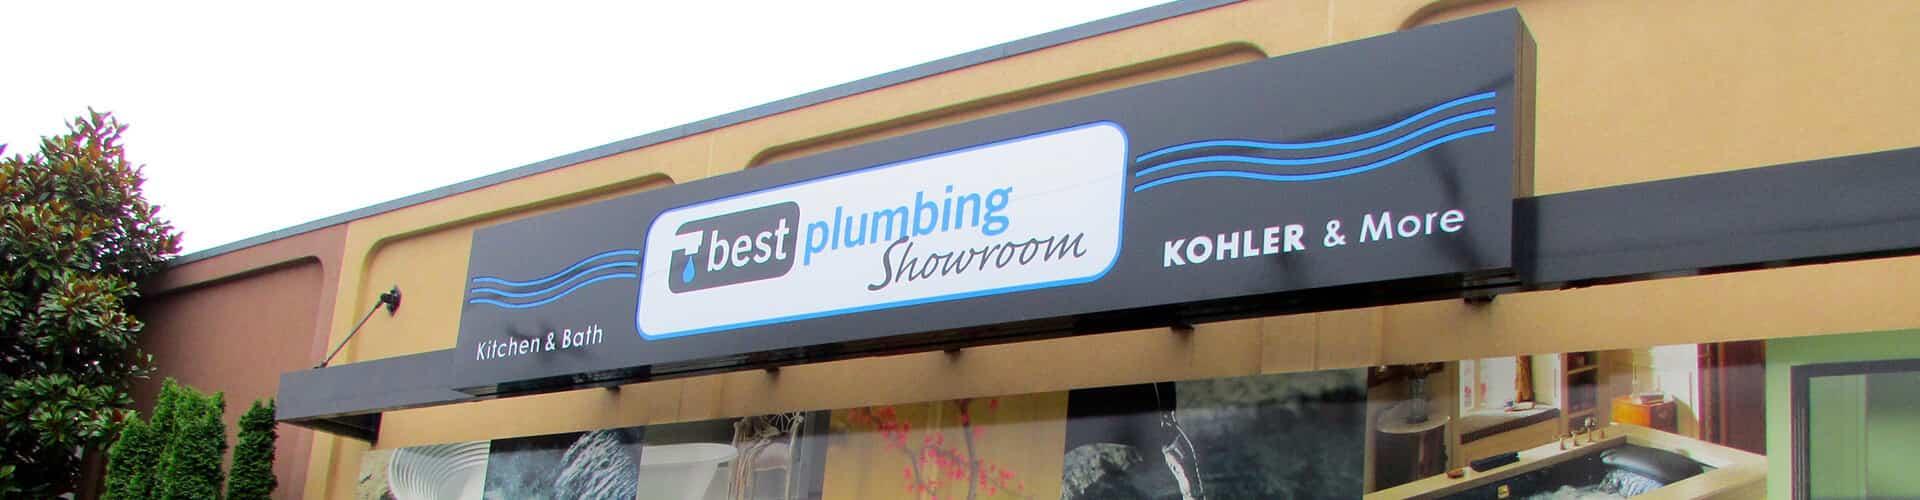 Plumbing Contractors Greater Seattle Area Best Plumbing